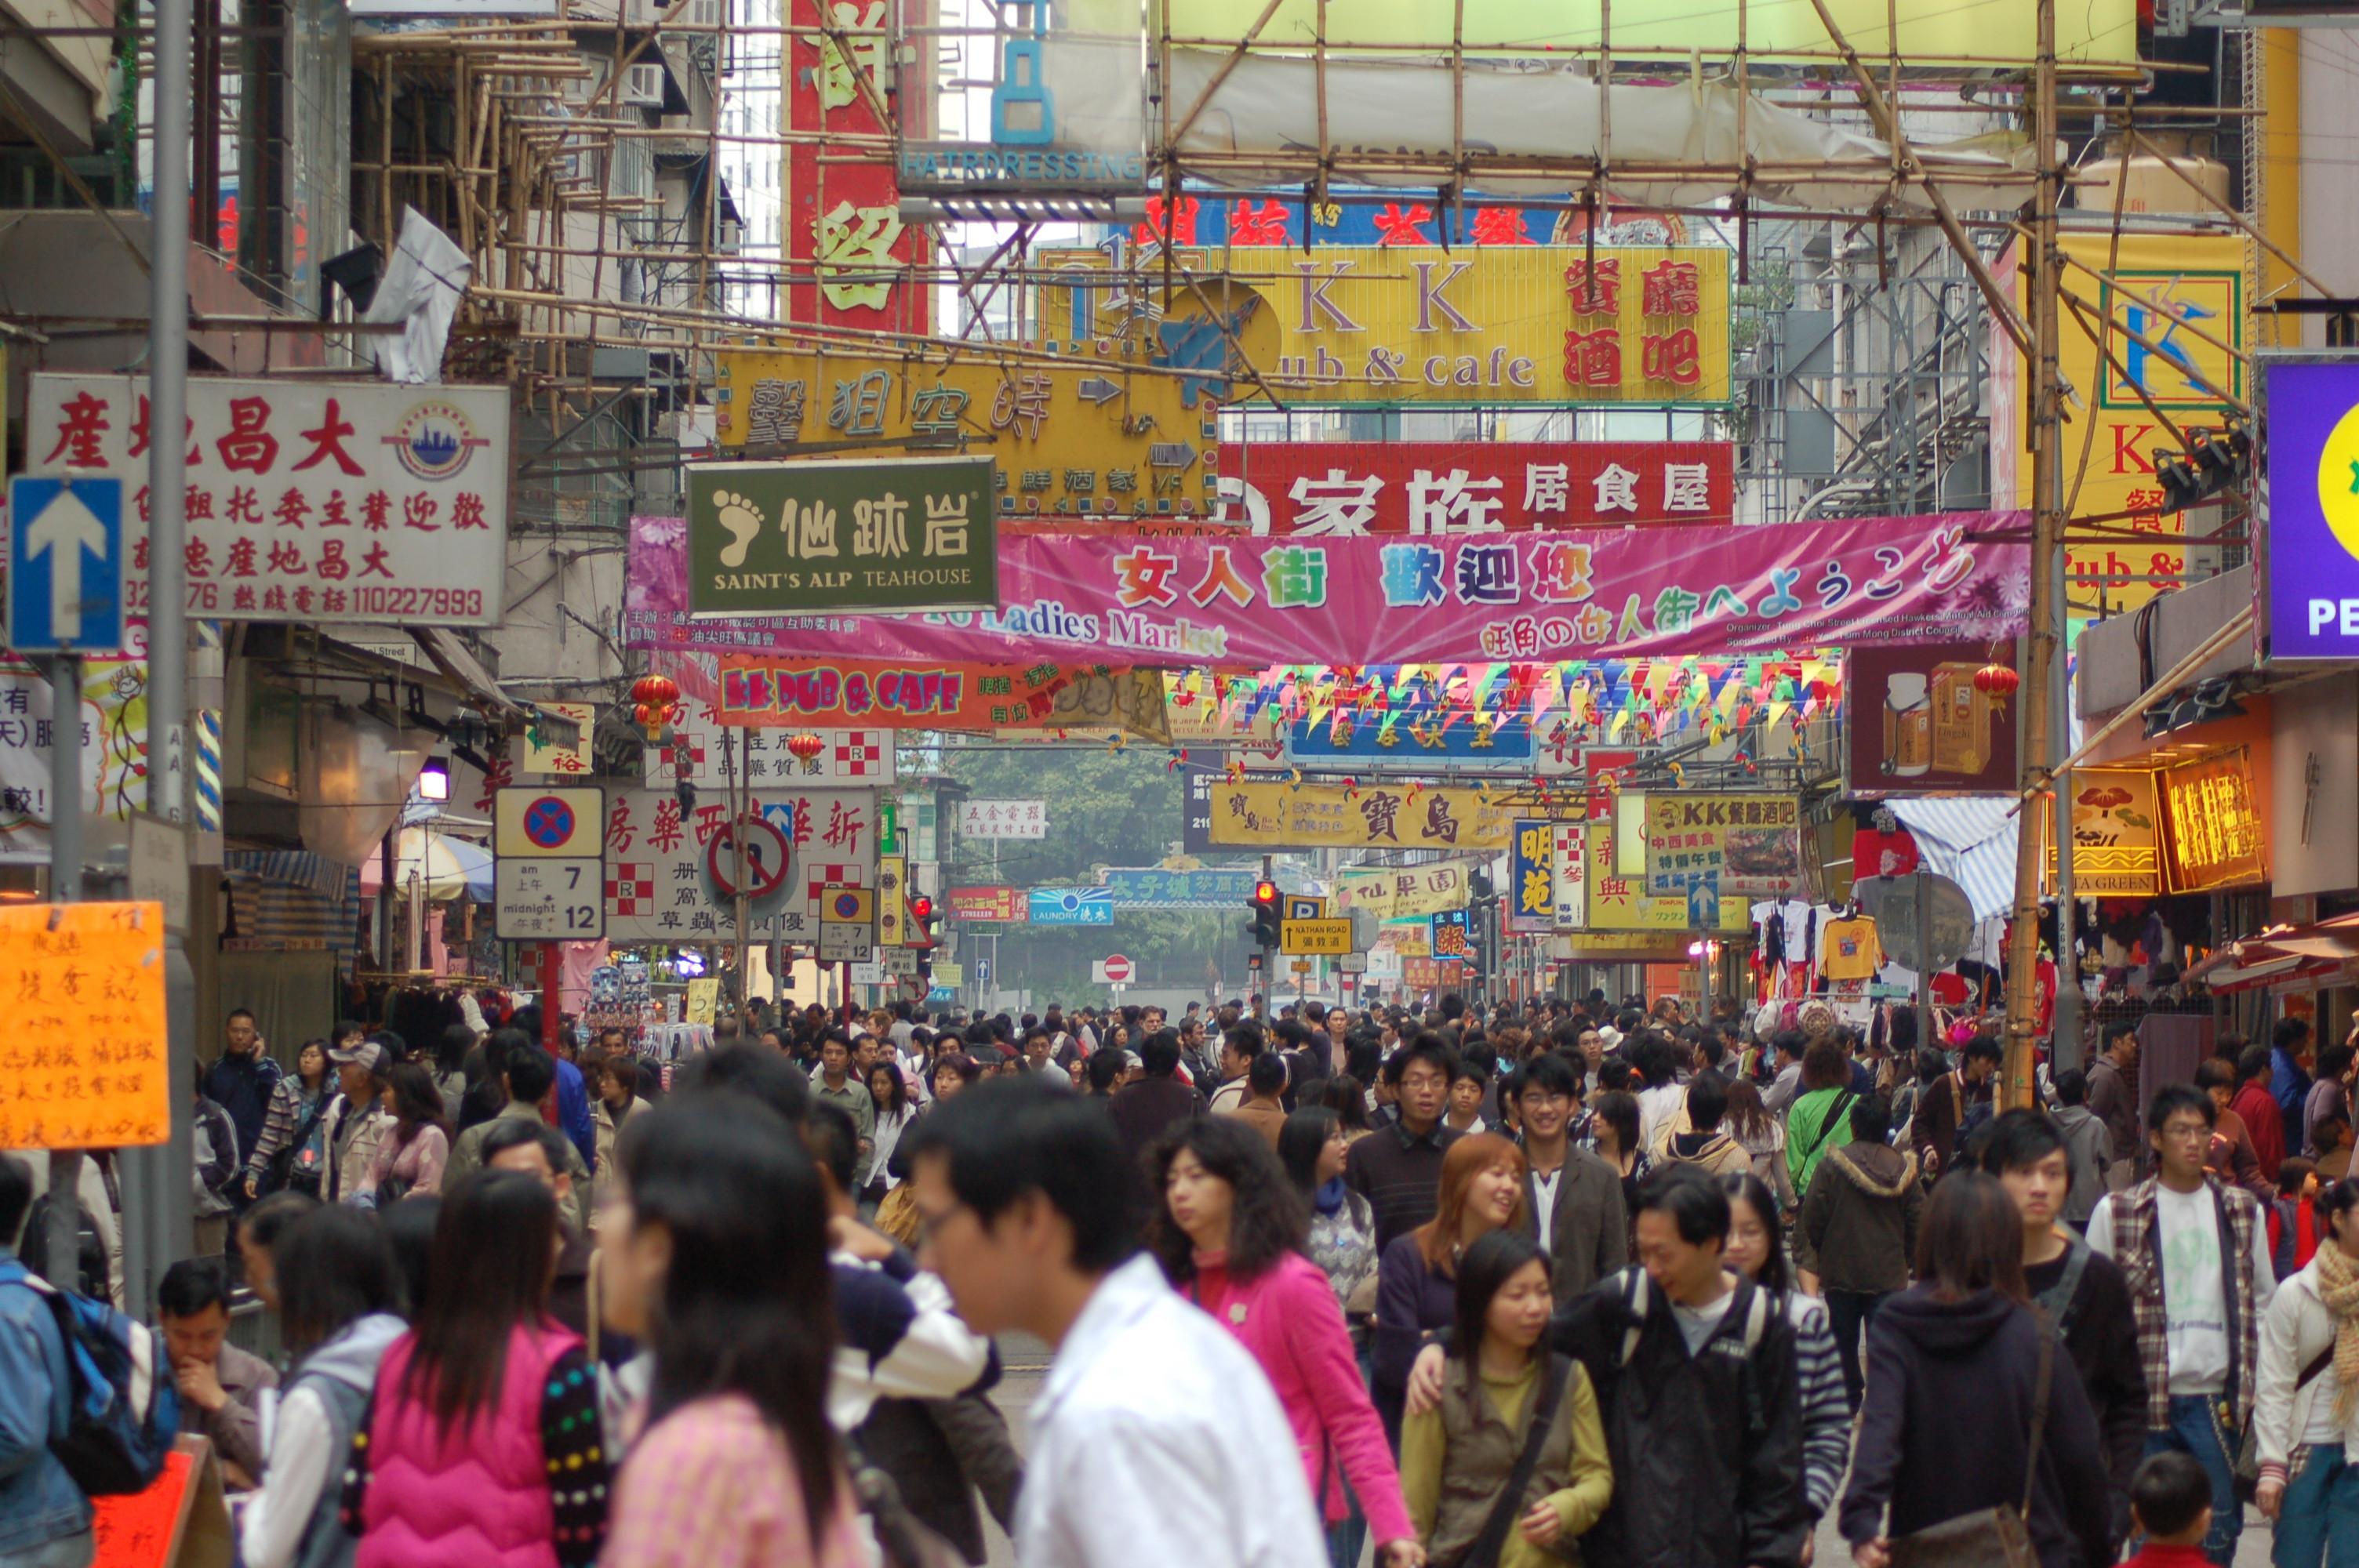 Файл:Crowd in HK.JPG